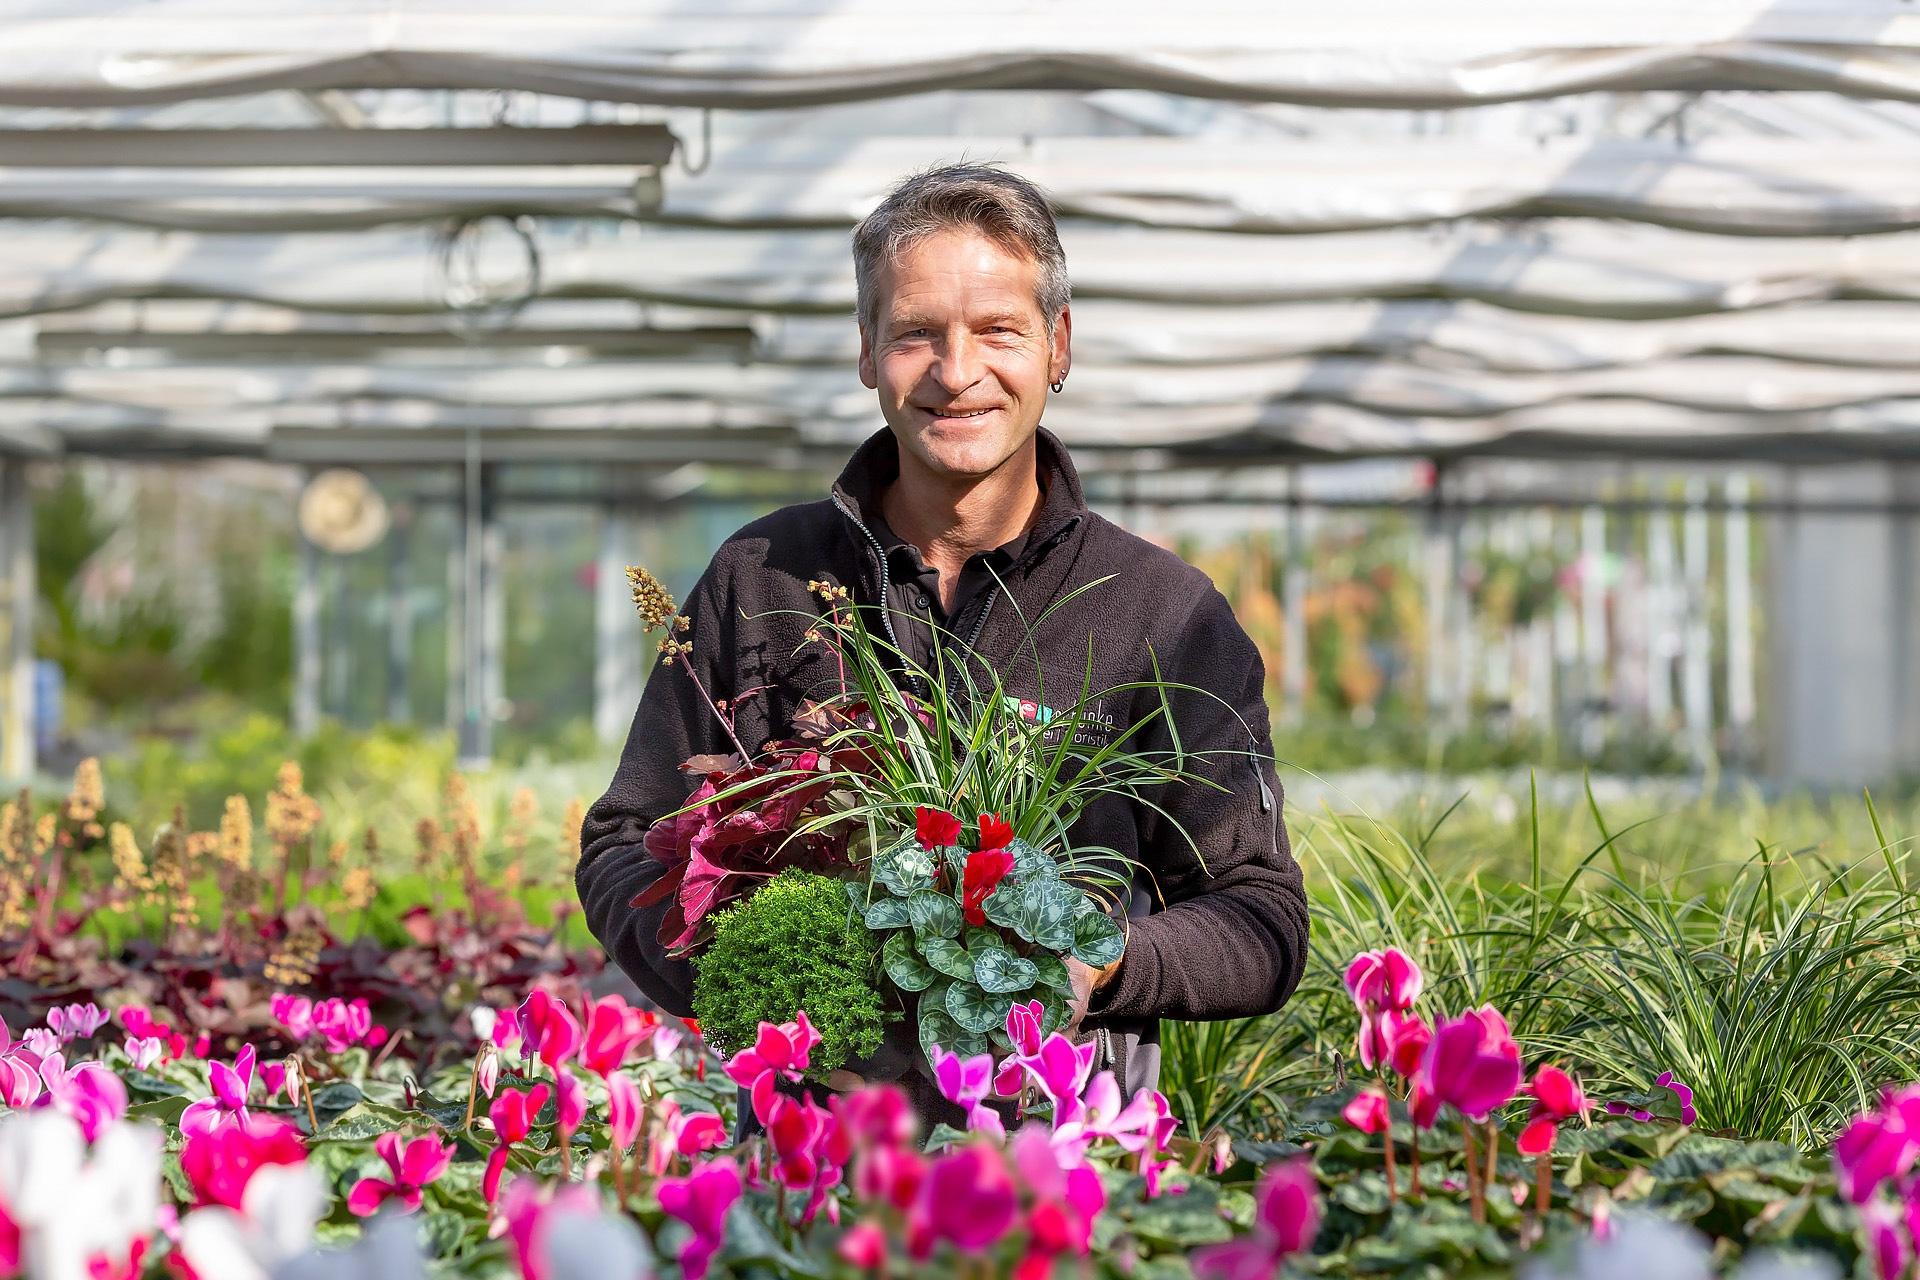 Gärtnerei Schunke – Frank Schunke